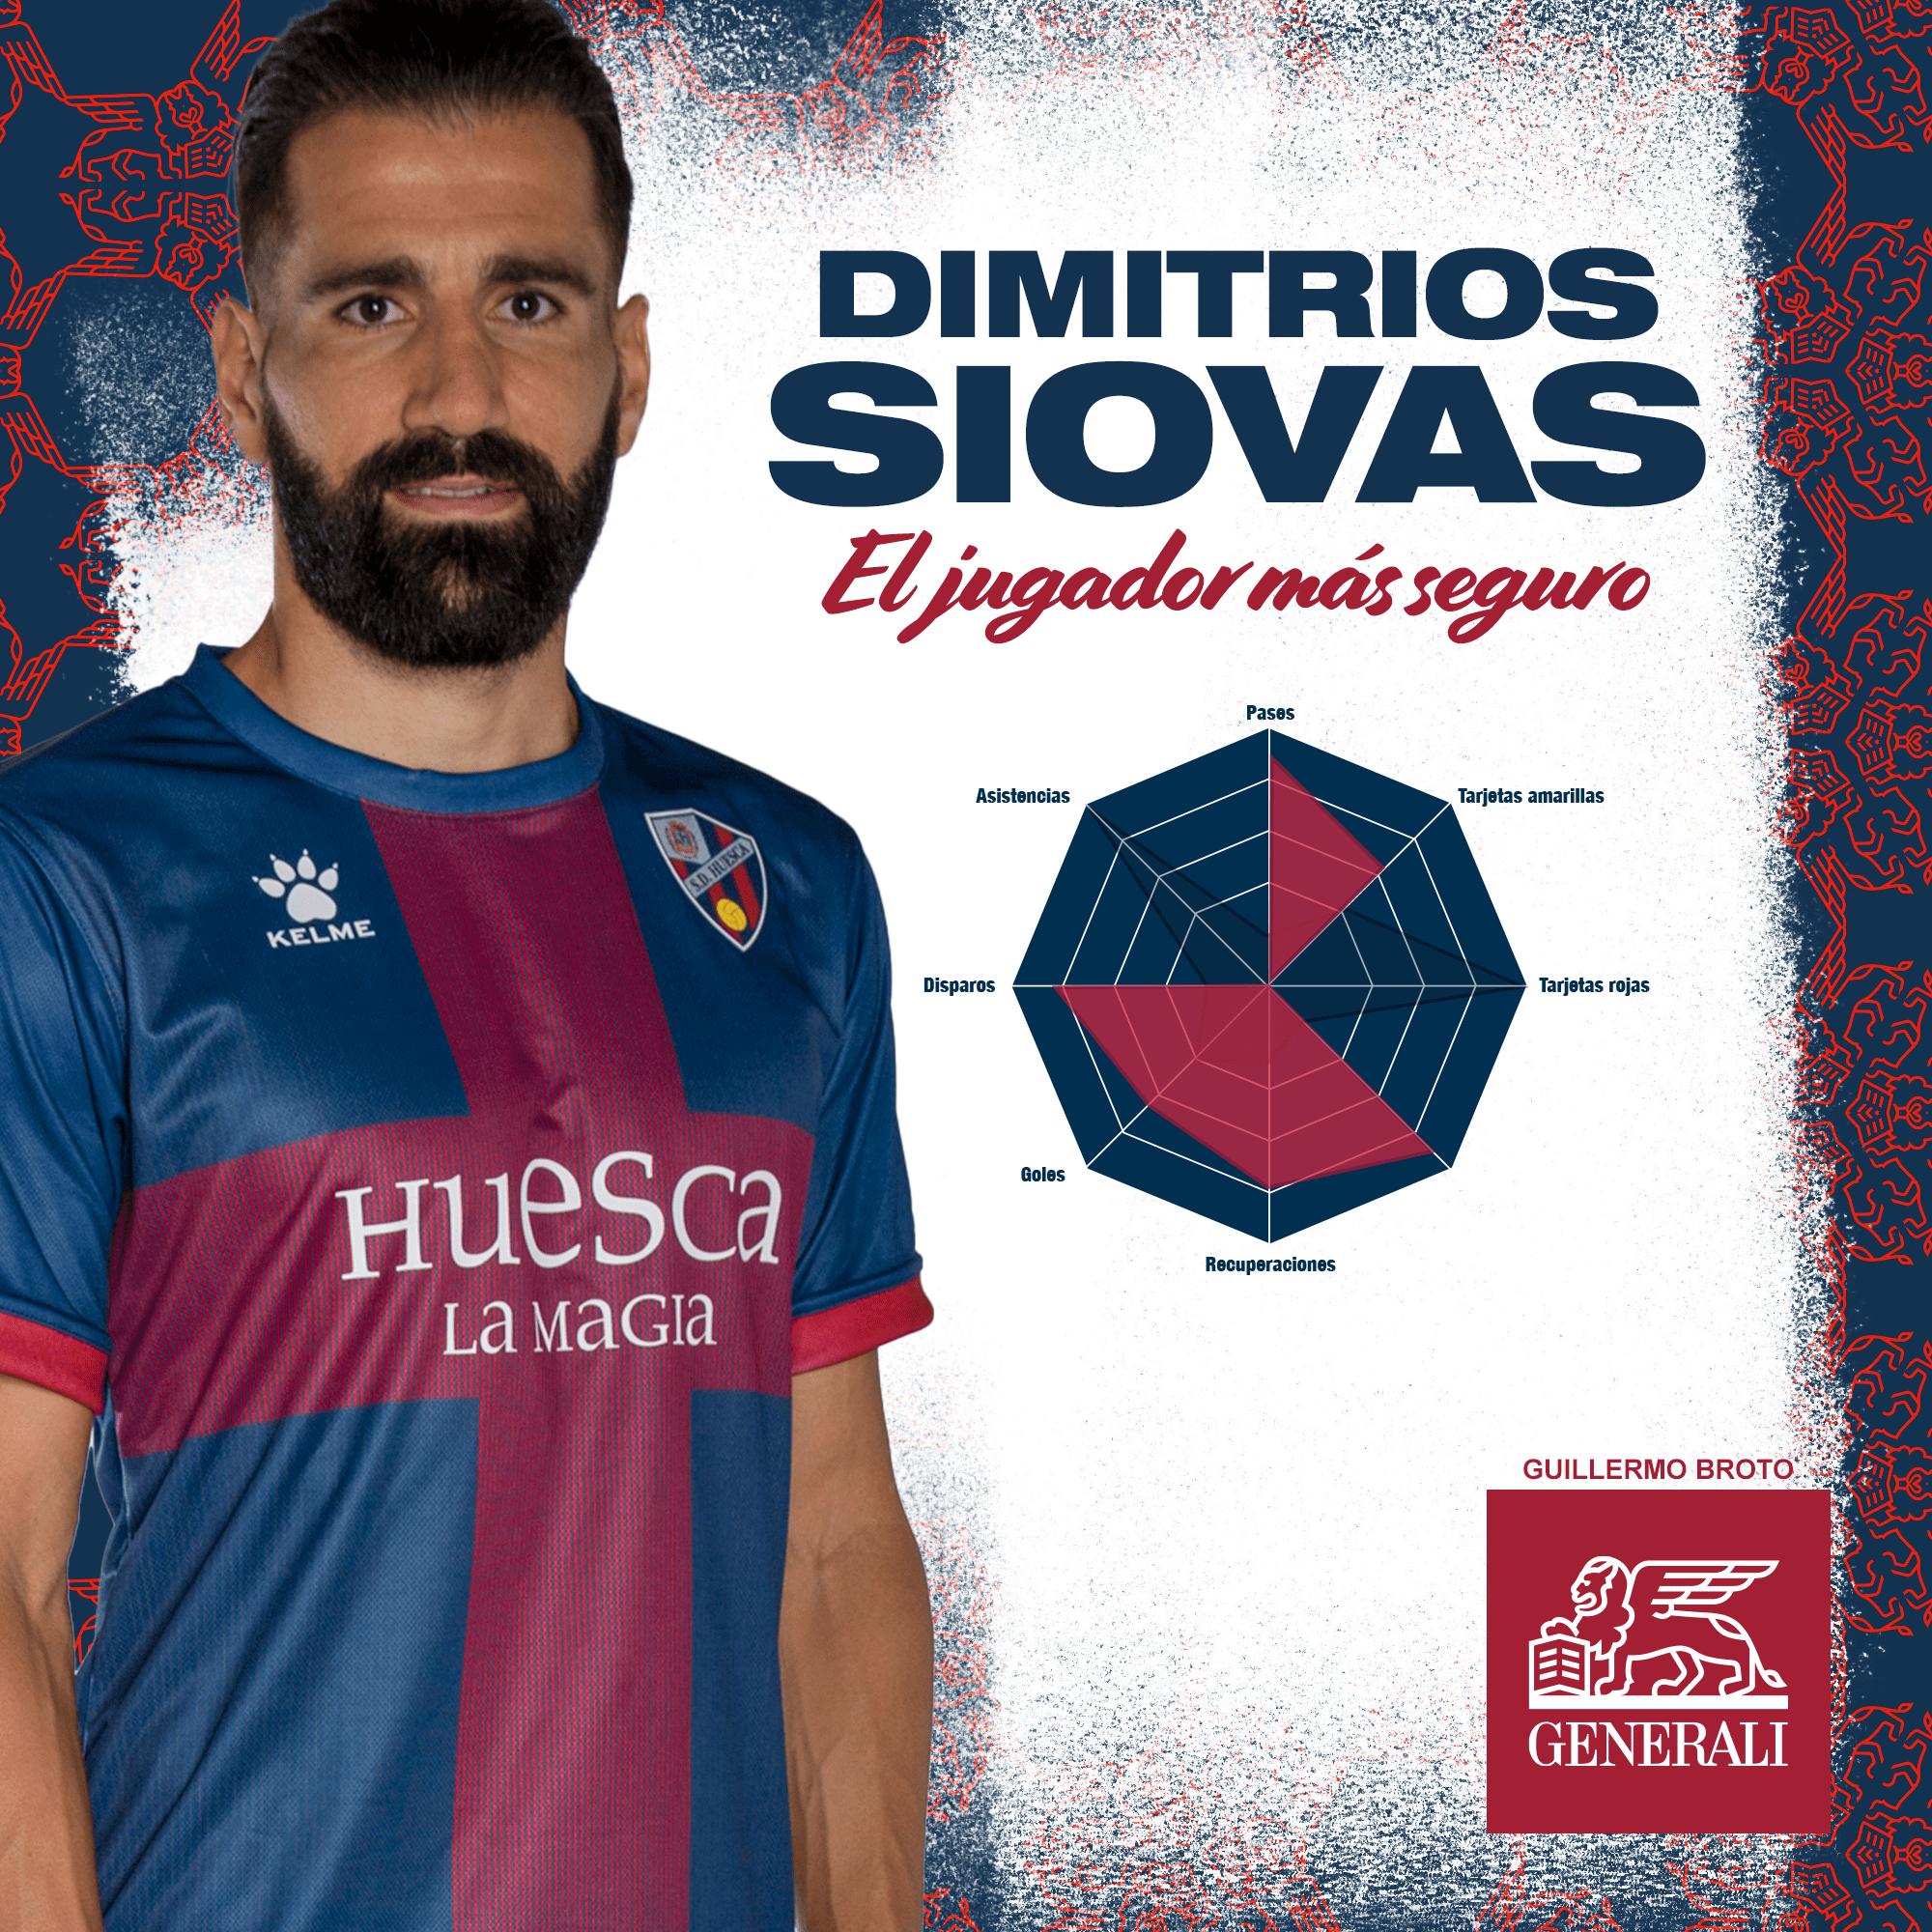 Dimitrios Siovas, jugador más seguro de febrero